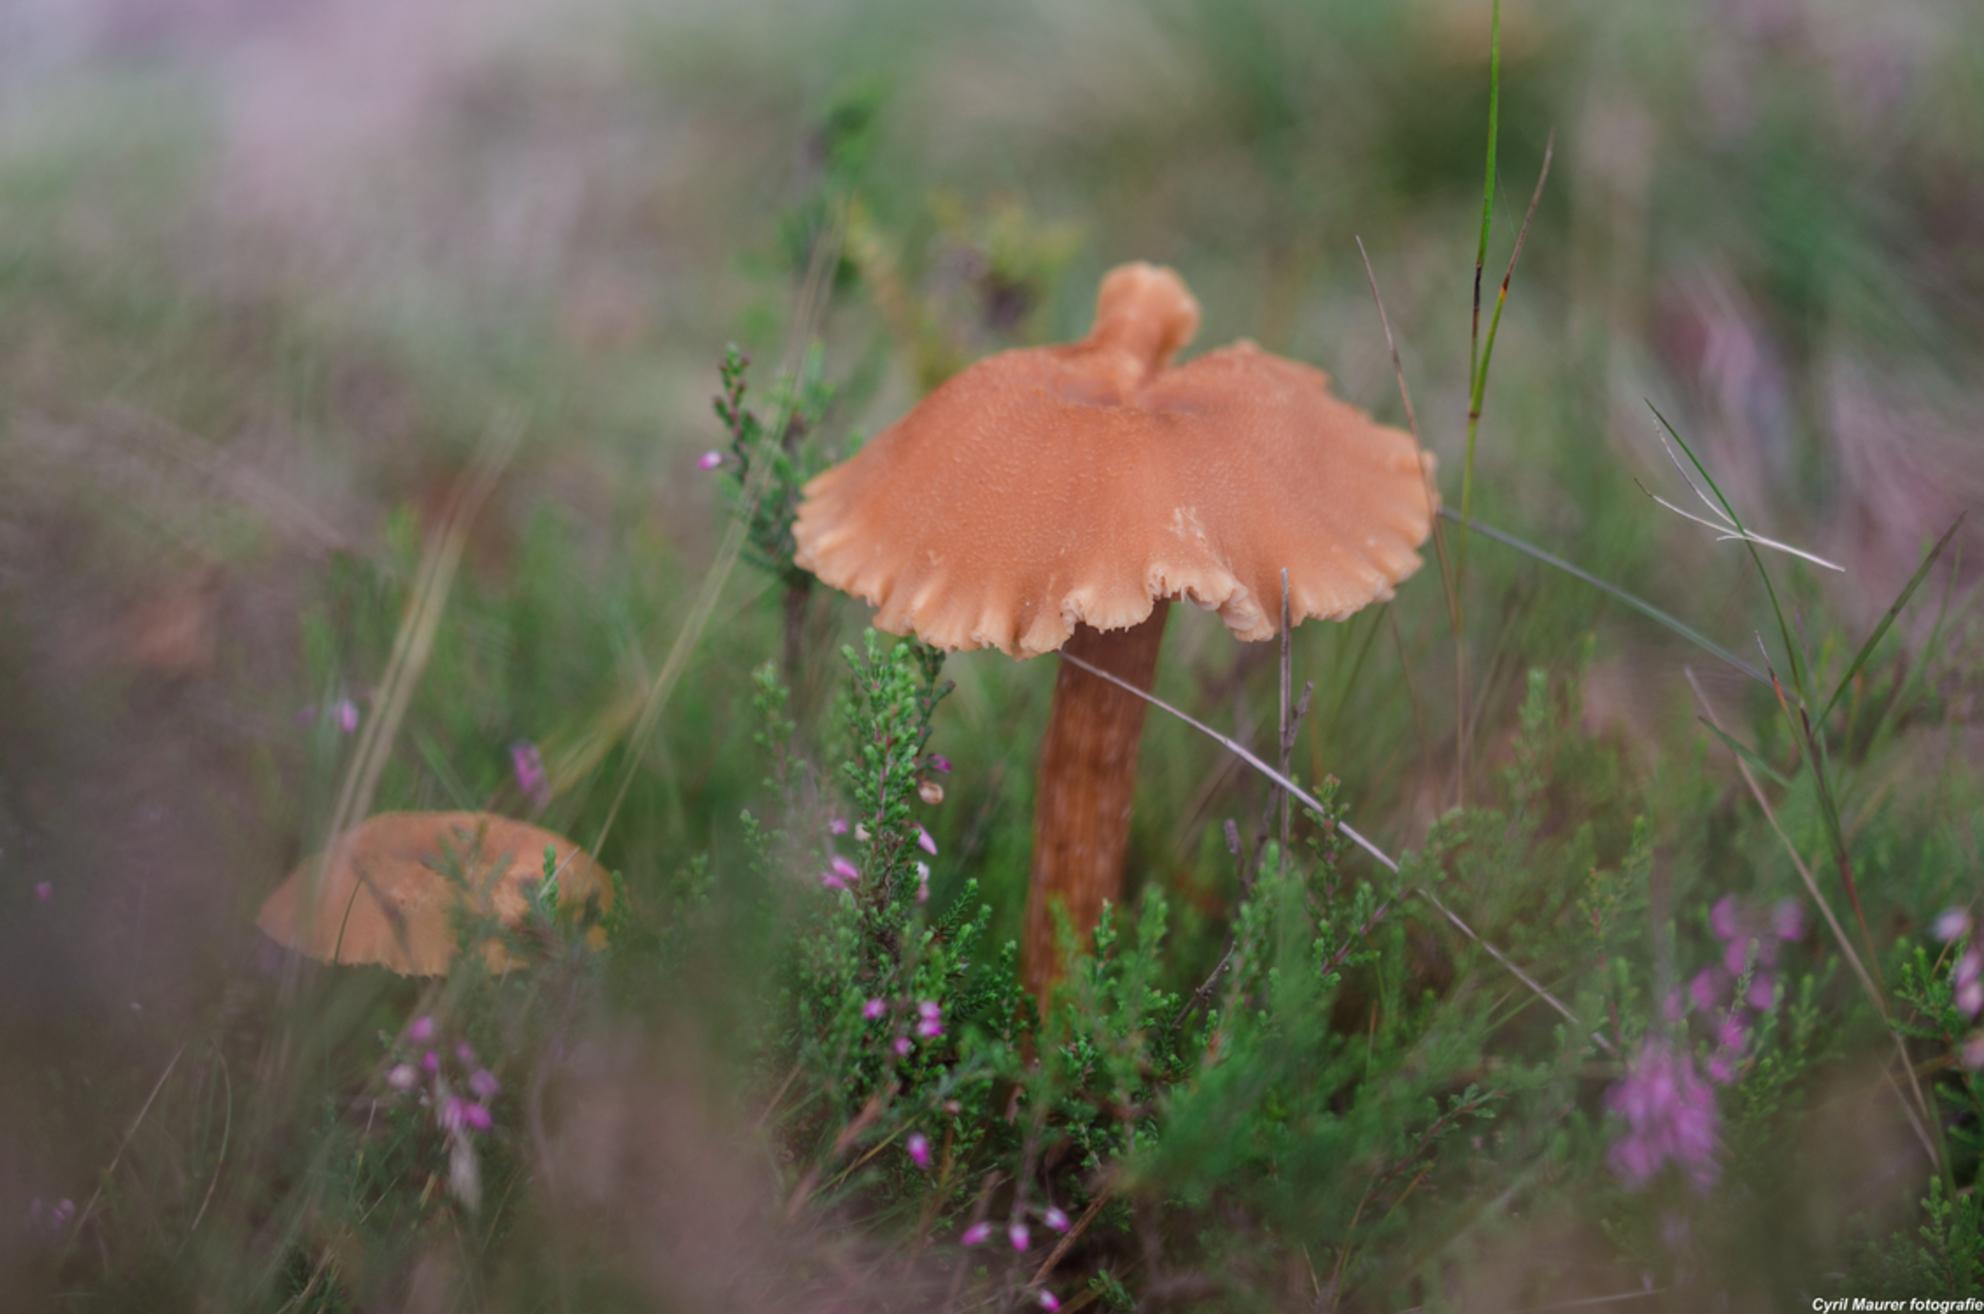 Mijn eerste Paddenstoel - Ik reed zondag ochtend op me mouten bike langs deze mooi paddenstoel. Toe ik op was naar me werk . Ik vond hem zo mooi dus ik heb maandag me camera i - foto door sipmaurer op 09-09-2015 - deze foto bevat: groen, paars, macro, natuur, bruin, oranje, paddestoel, herfst, dof, schilderij effect, witte randjes, hilversumse heiden